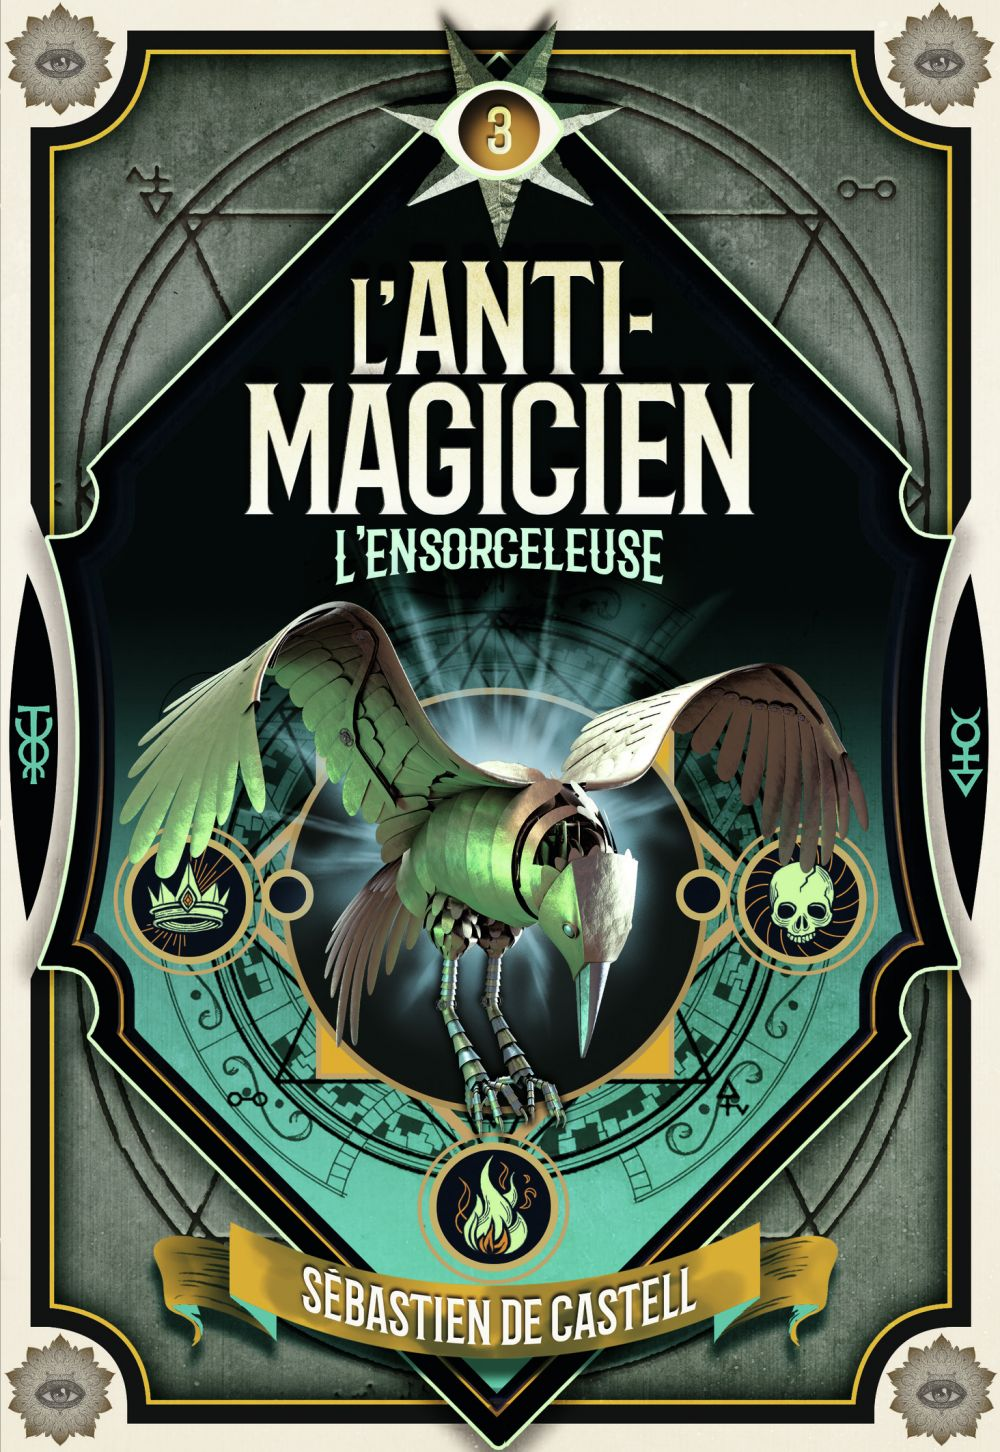 L'Anti-Magicien (Tome 3) - L'Ensorceleuse |